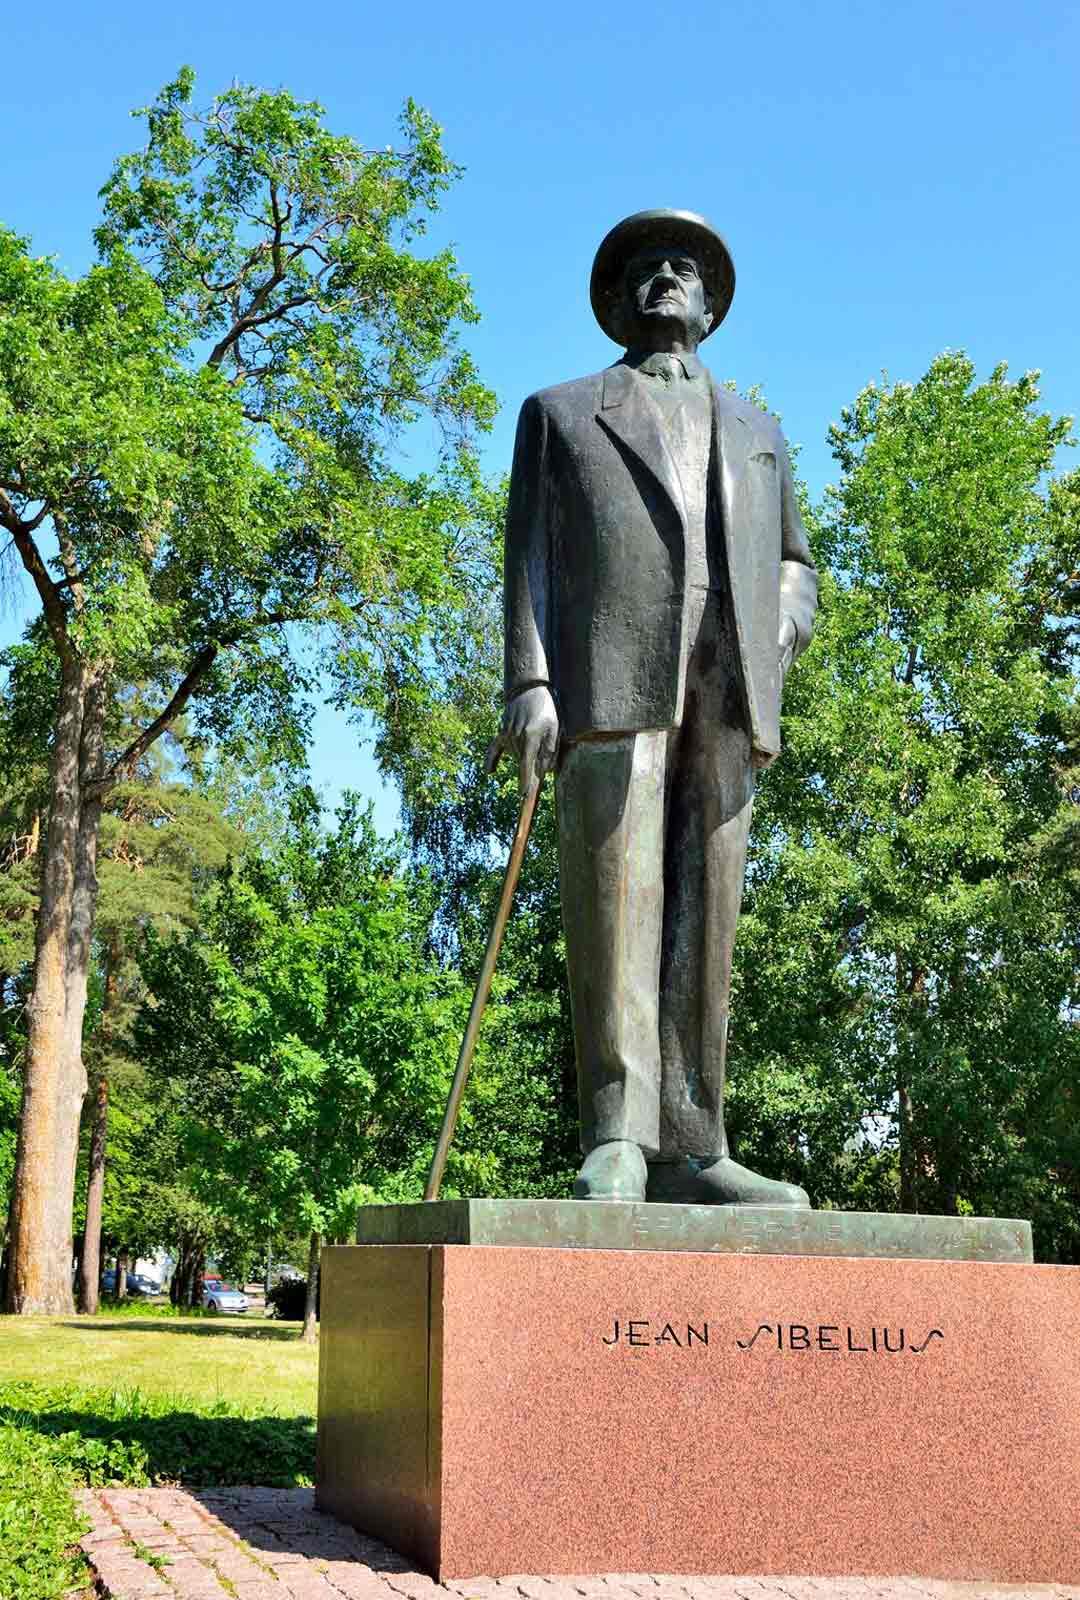 Jean Sibeliuksen patsas Järvenpään taidemuseon pihalla.